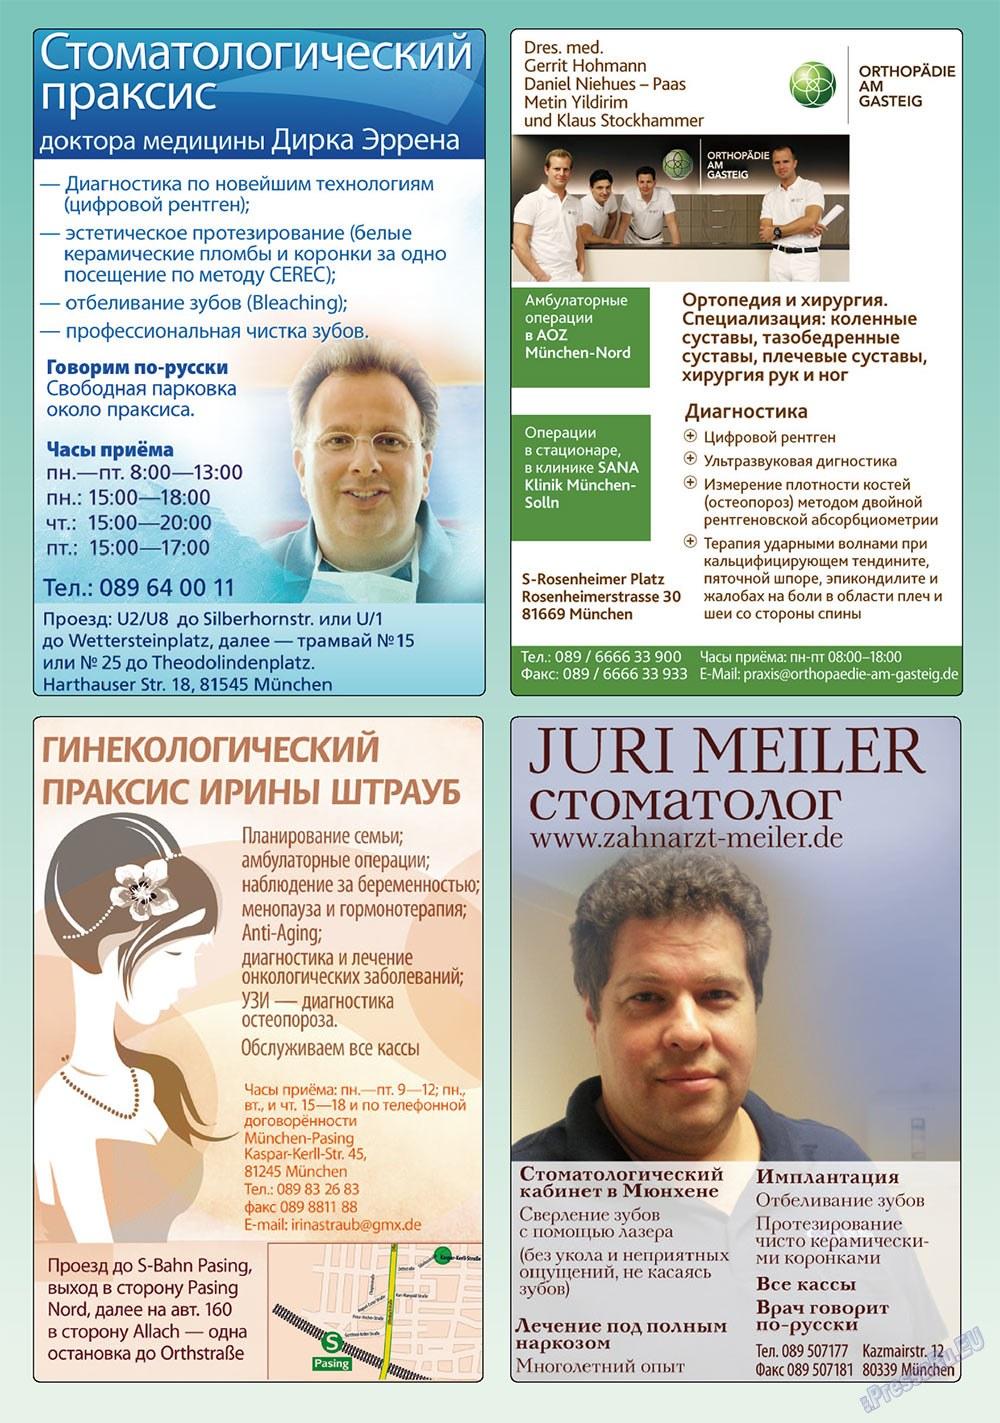 Апельсин (журнал). 2011 год, номер 23, стр. 41